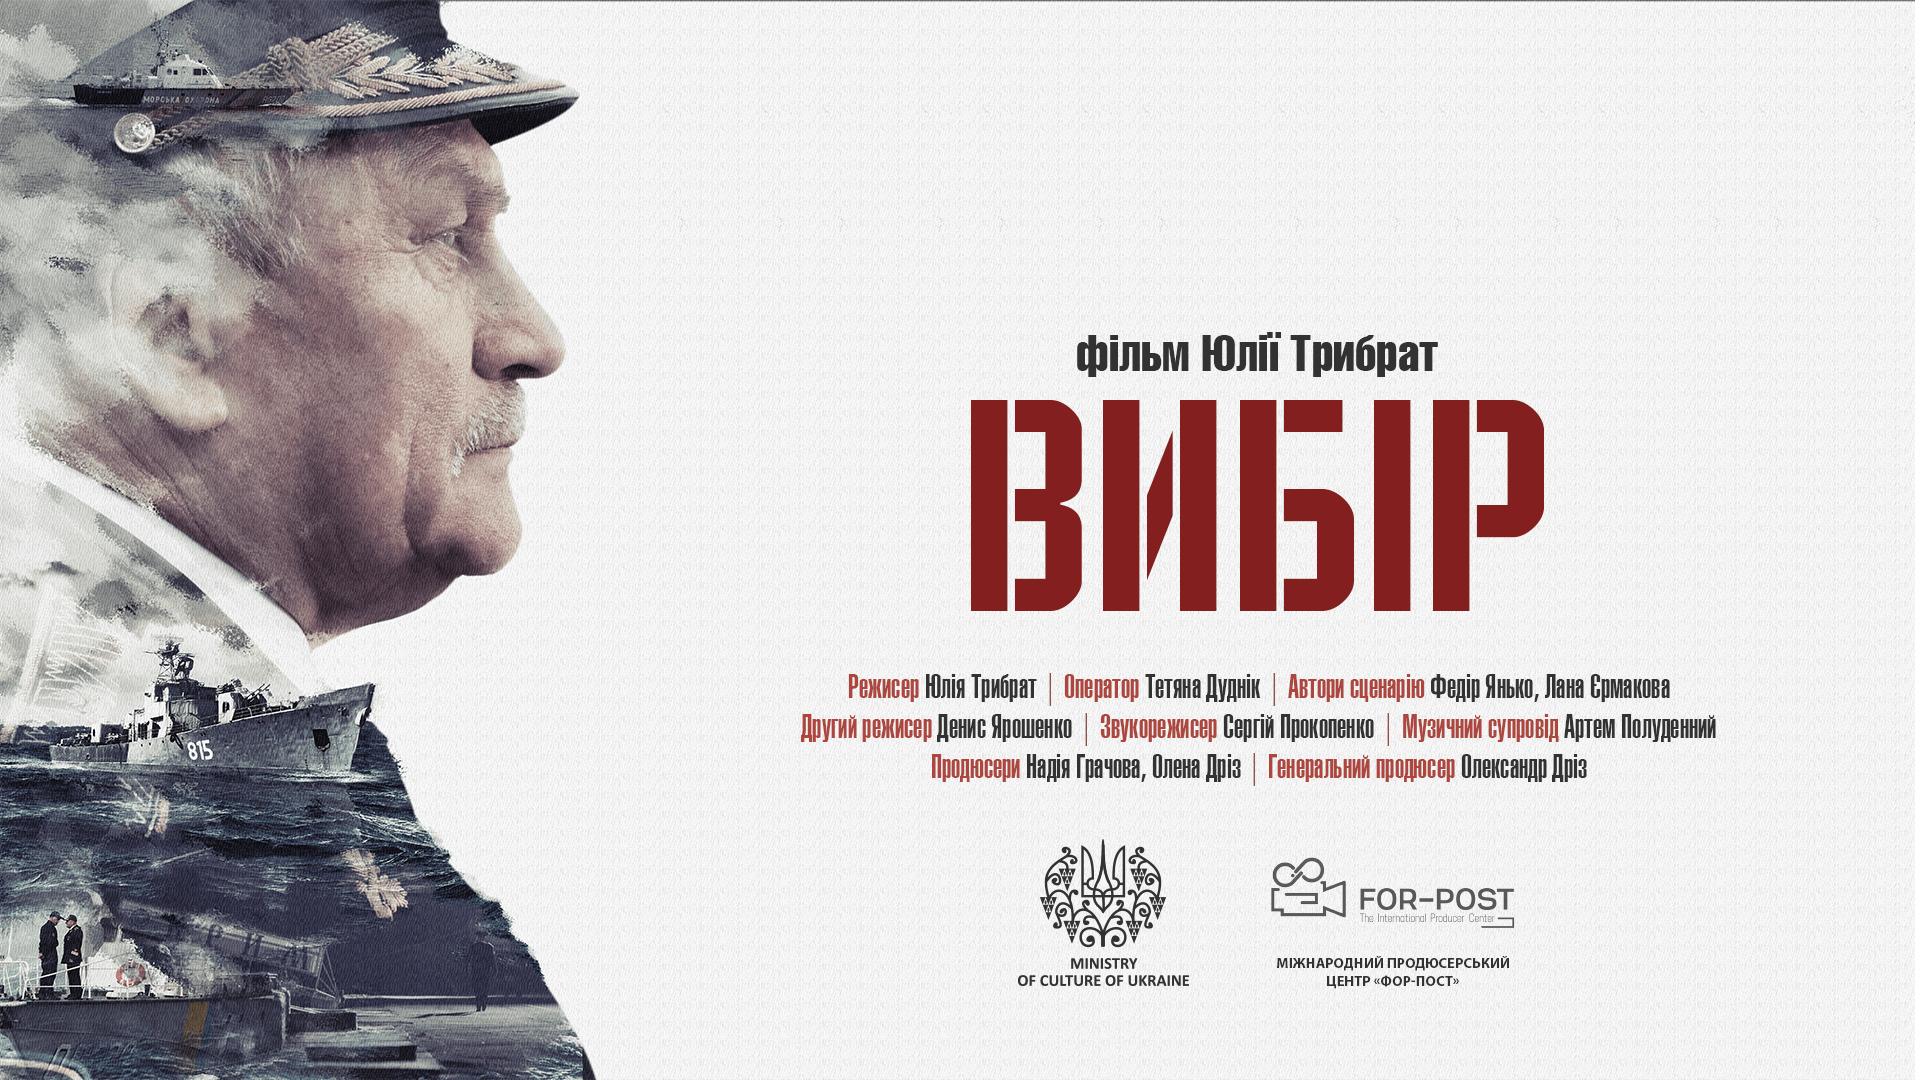 «Вибір» – фільм про адмірала, який першим присягнув на вірність Україні